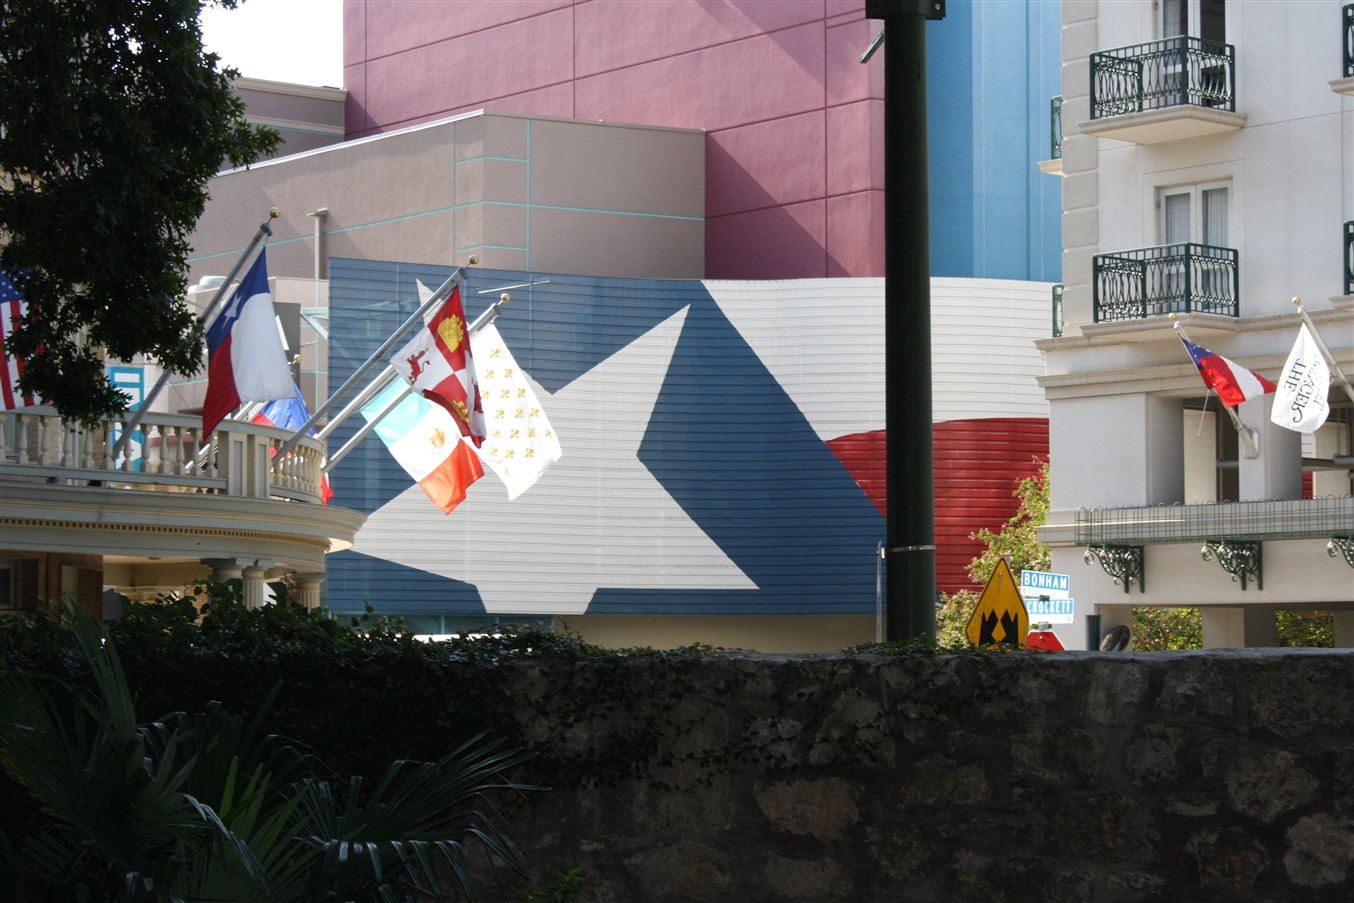 2009 08 27 17 San Antonio Alamo.jpg